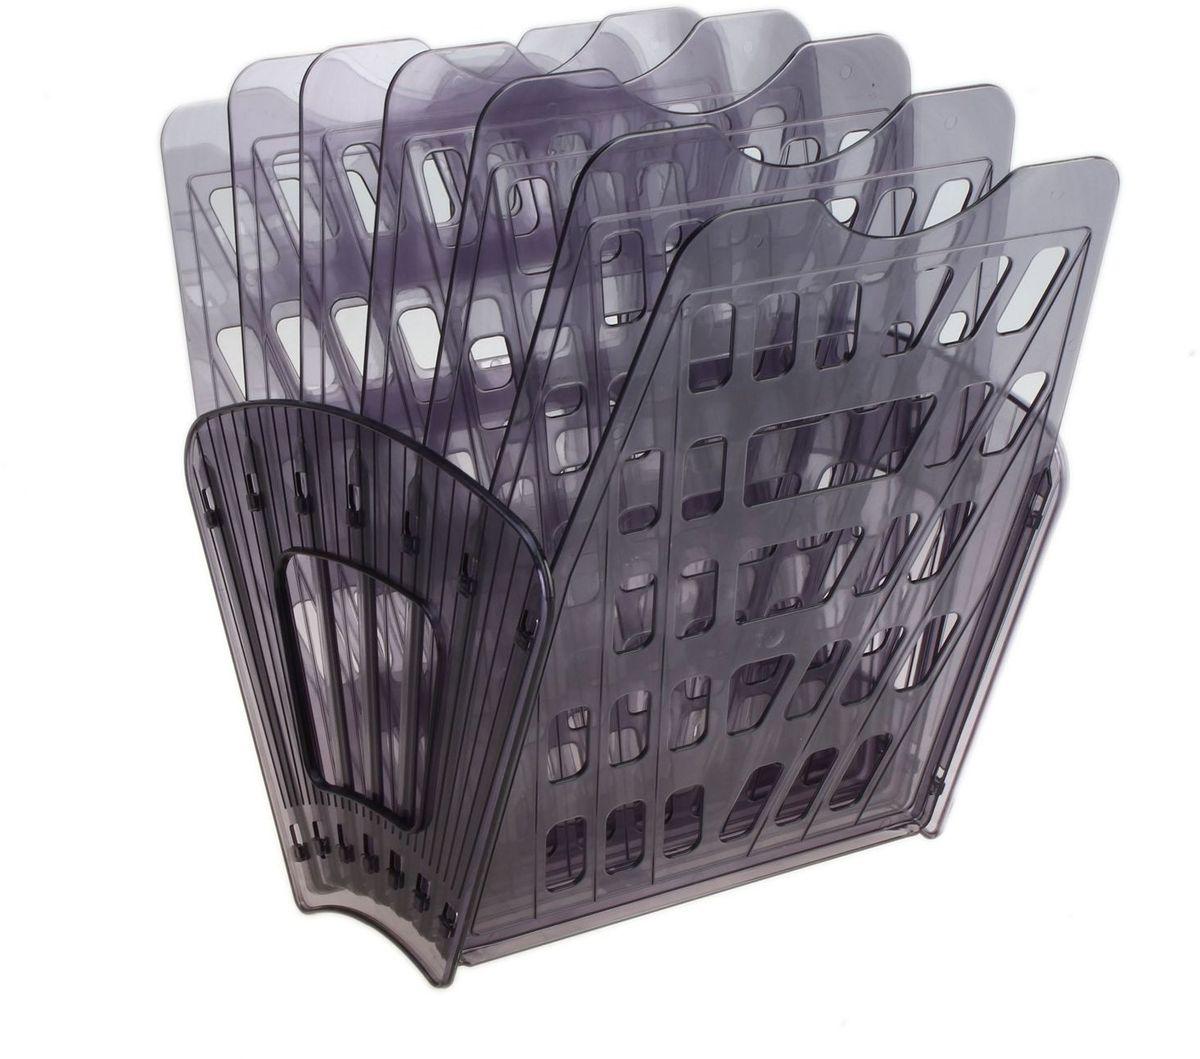 Стамм Лоток для бумаг 7 отделений цвет серый609189Лоток для бумаг Стамм выполнен из высококачественного пластика с полированной гладкой поверхностью. Лоток состоит из двух боковых стоек и семи секций, на рабочем столе устанавливается как горизонтально, так и вертикально, имеет специальные отверстия для крепления на стену. Легко собирается и разбирается, имеет четыре отделения для листов формата А4. С лотком для бумаг Стамм у вас больше не возникнут сложности с поддержанием порядка на столе!